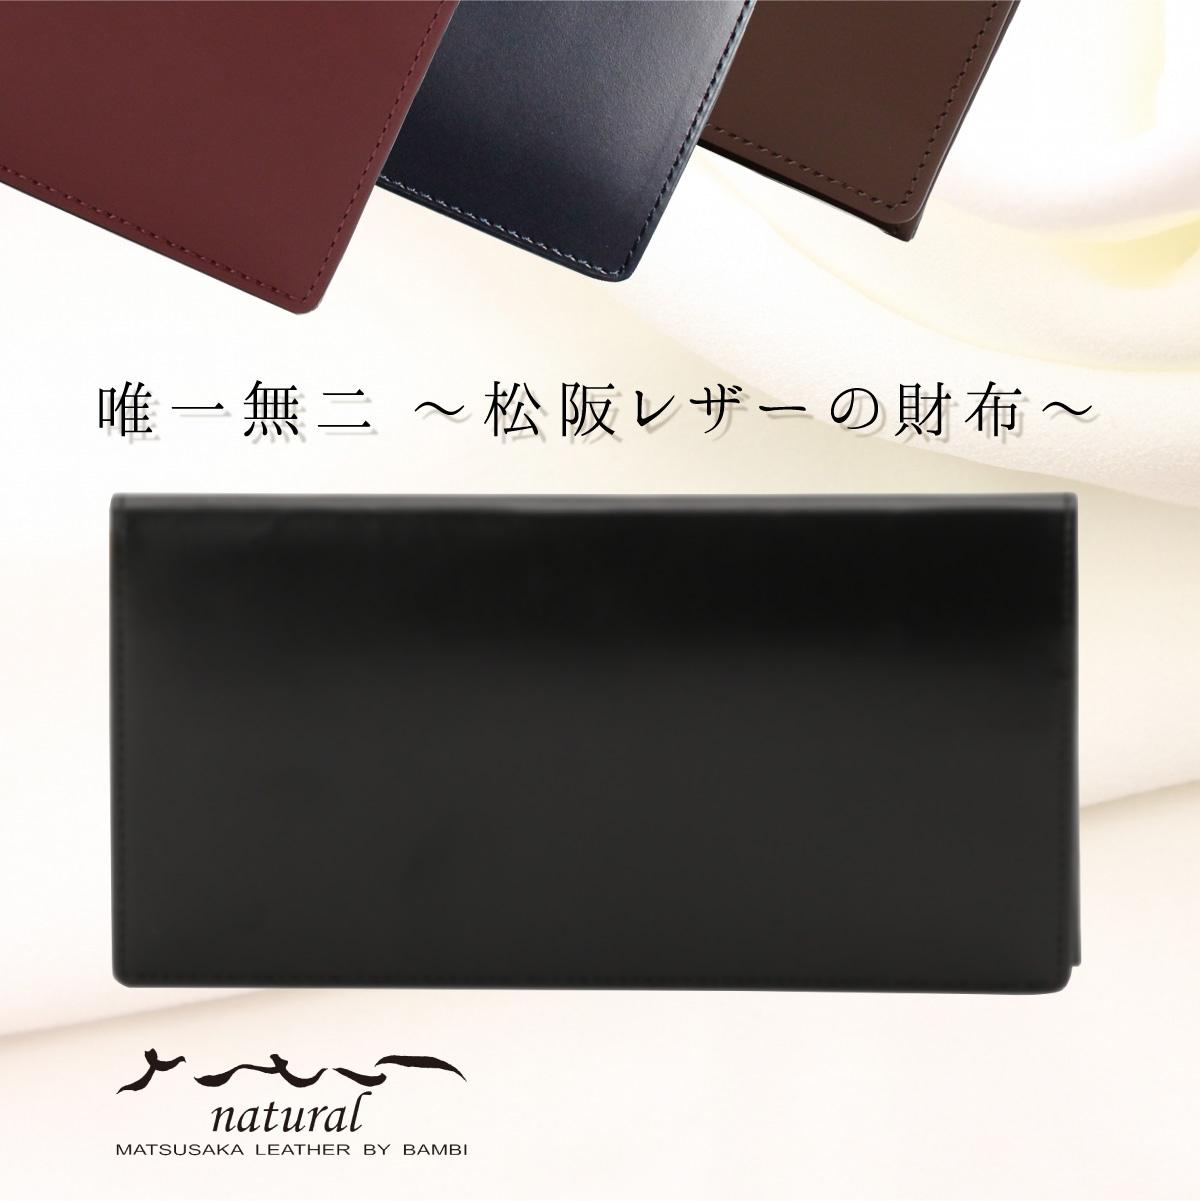 松阪レザーのプレミアム財布 さとりナチュラル 長財布 【カラー:硯】 開運グッズ